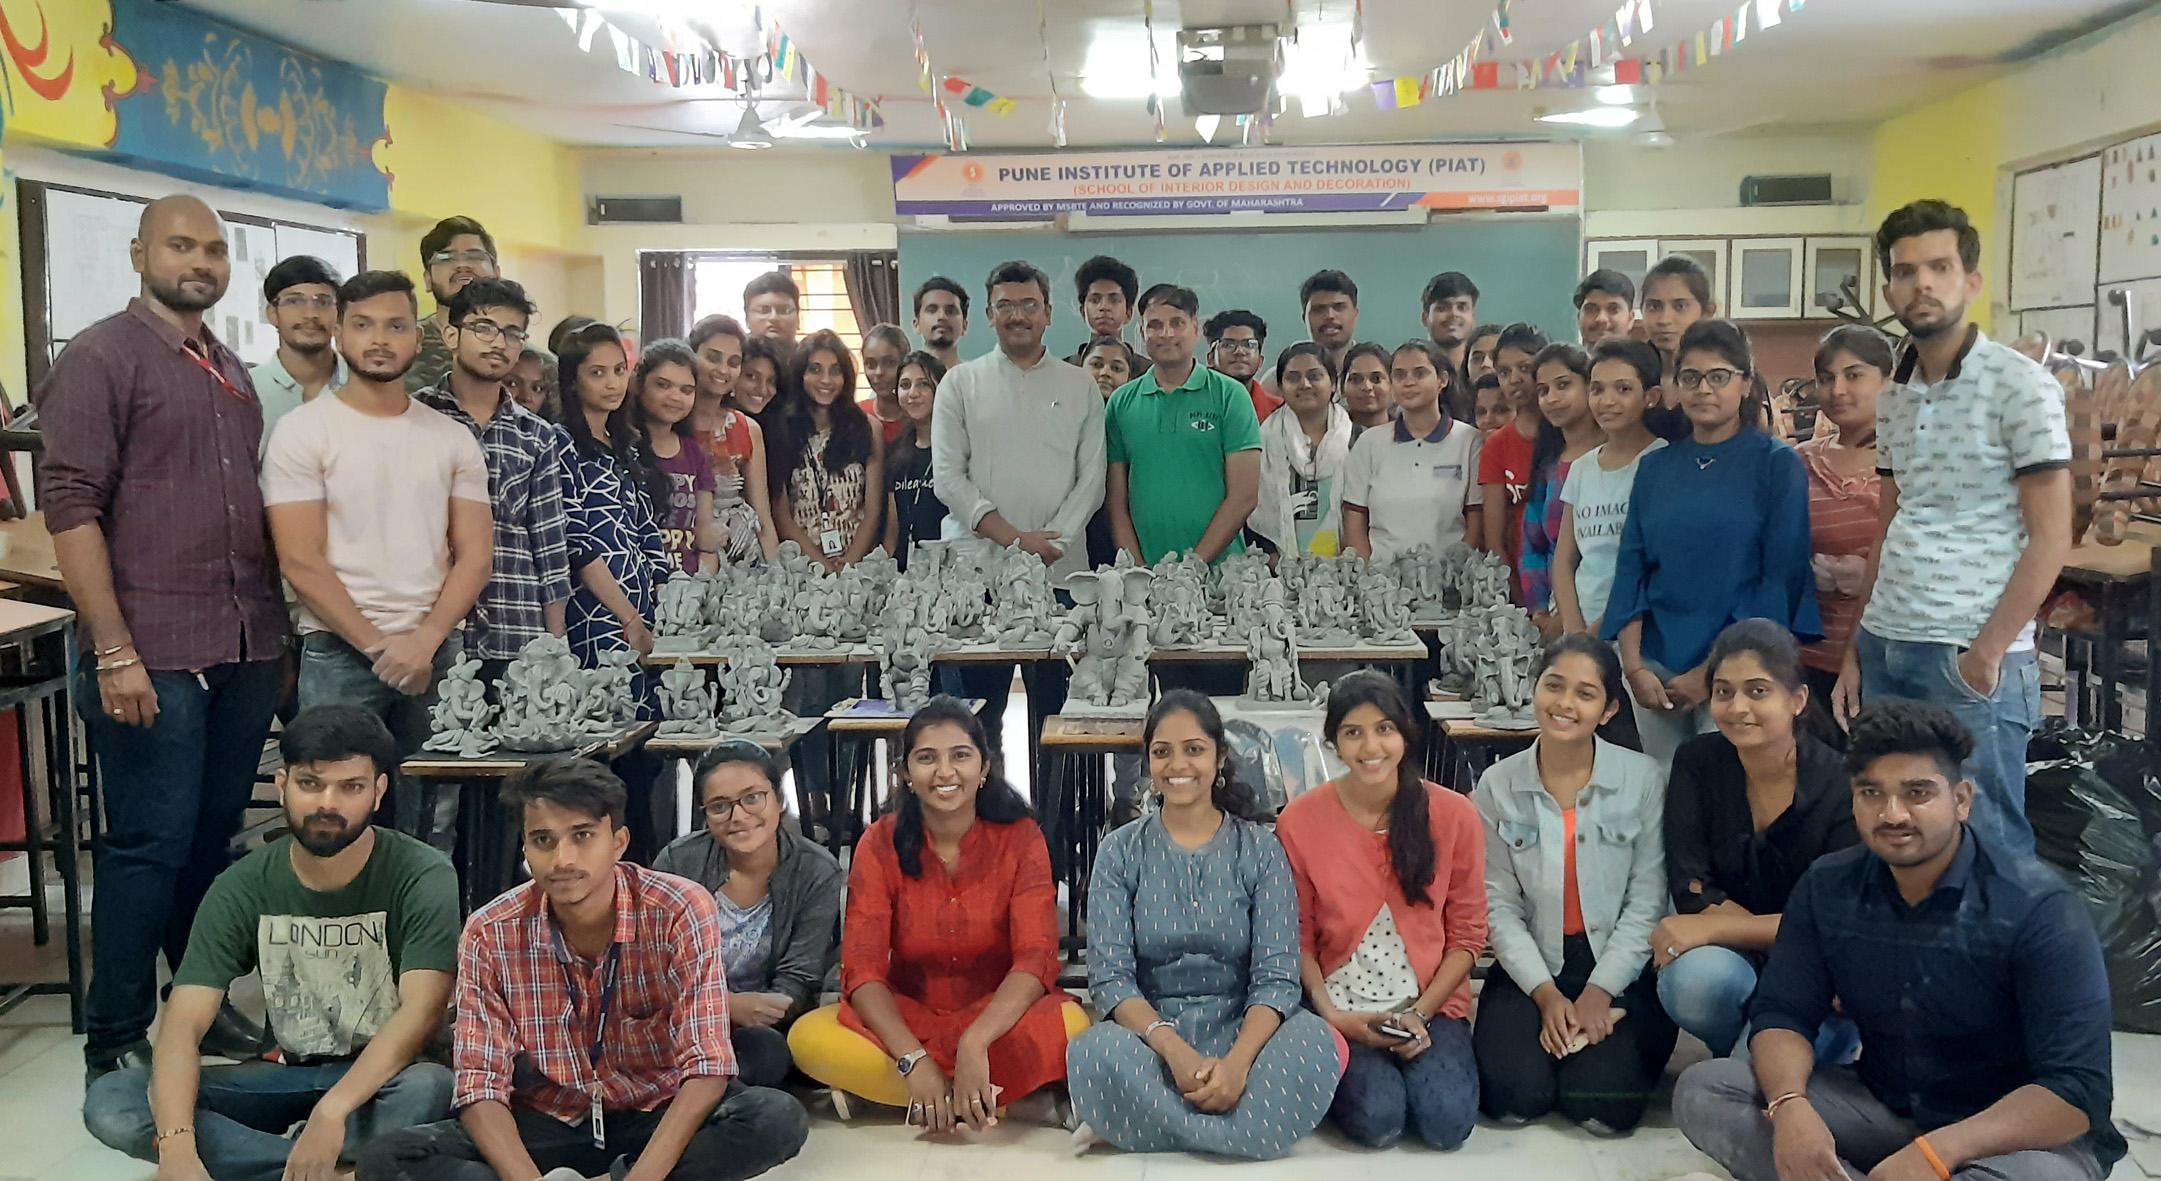 विद्यार्थ्यांनी साकारल्या पर्यावरणपूरक शाडूच्या मूर्ती